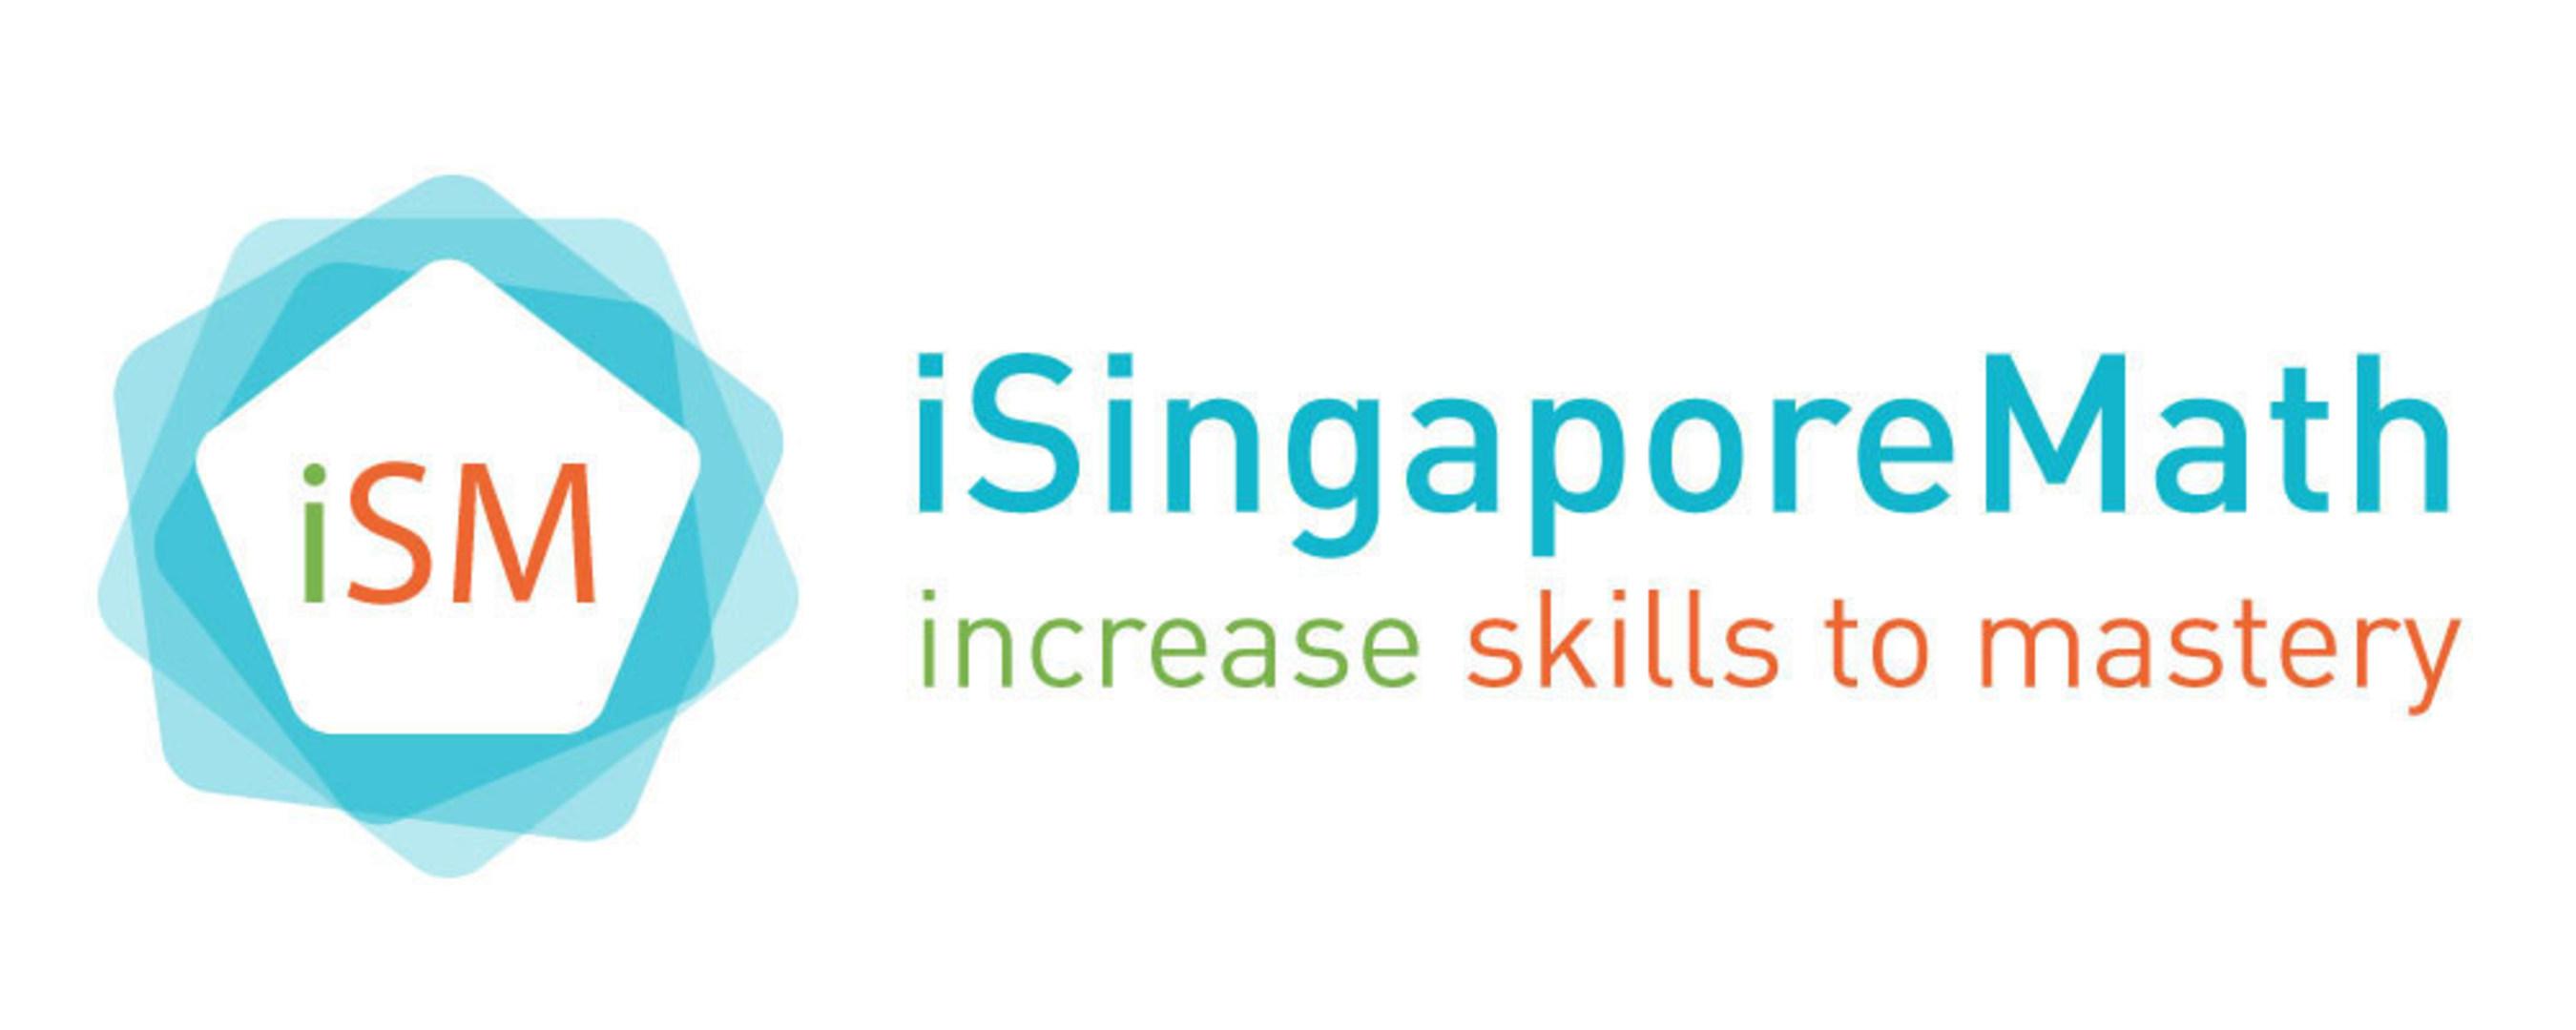 iSingaporeMath LLC Launches iSingaporeMath.com Website for K-5 ...